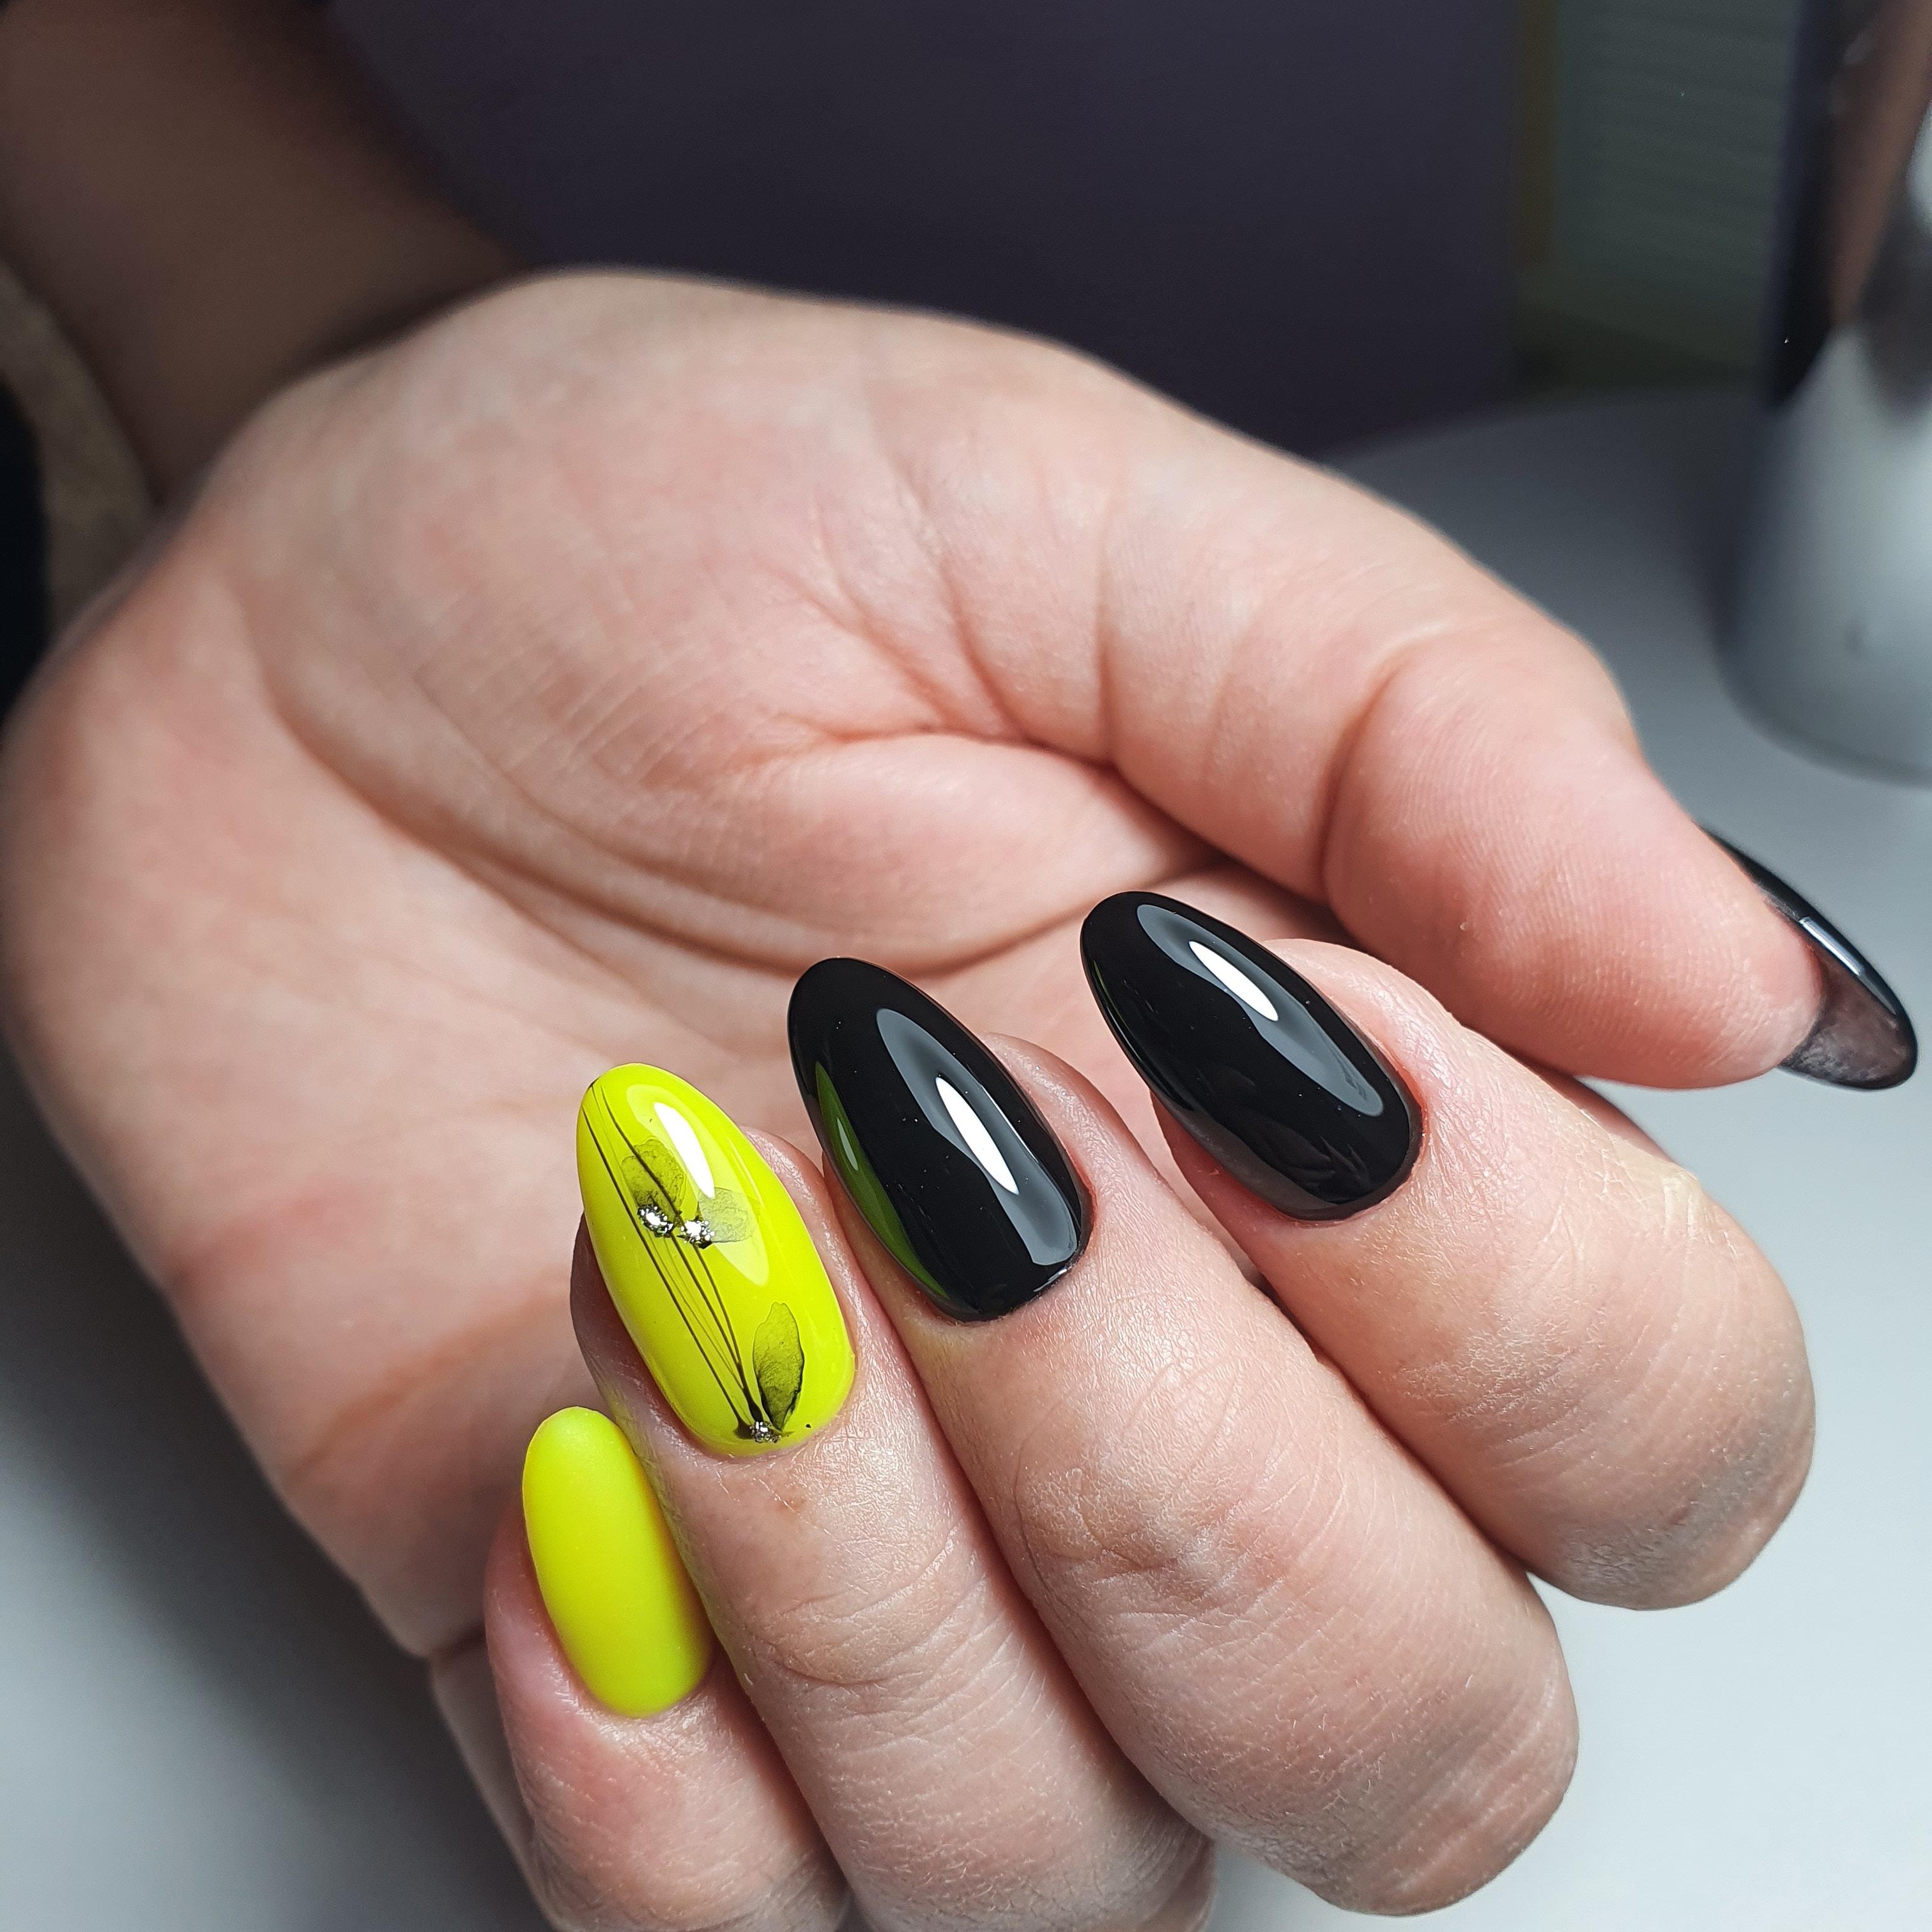 Маникюр с акварельным рисунком и стразами в черном цвете на длинные ногти.